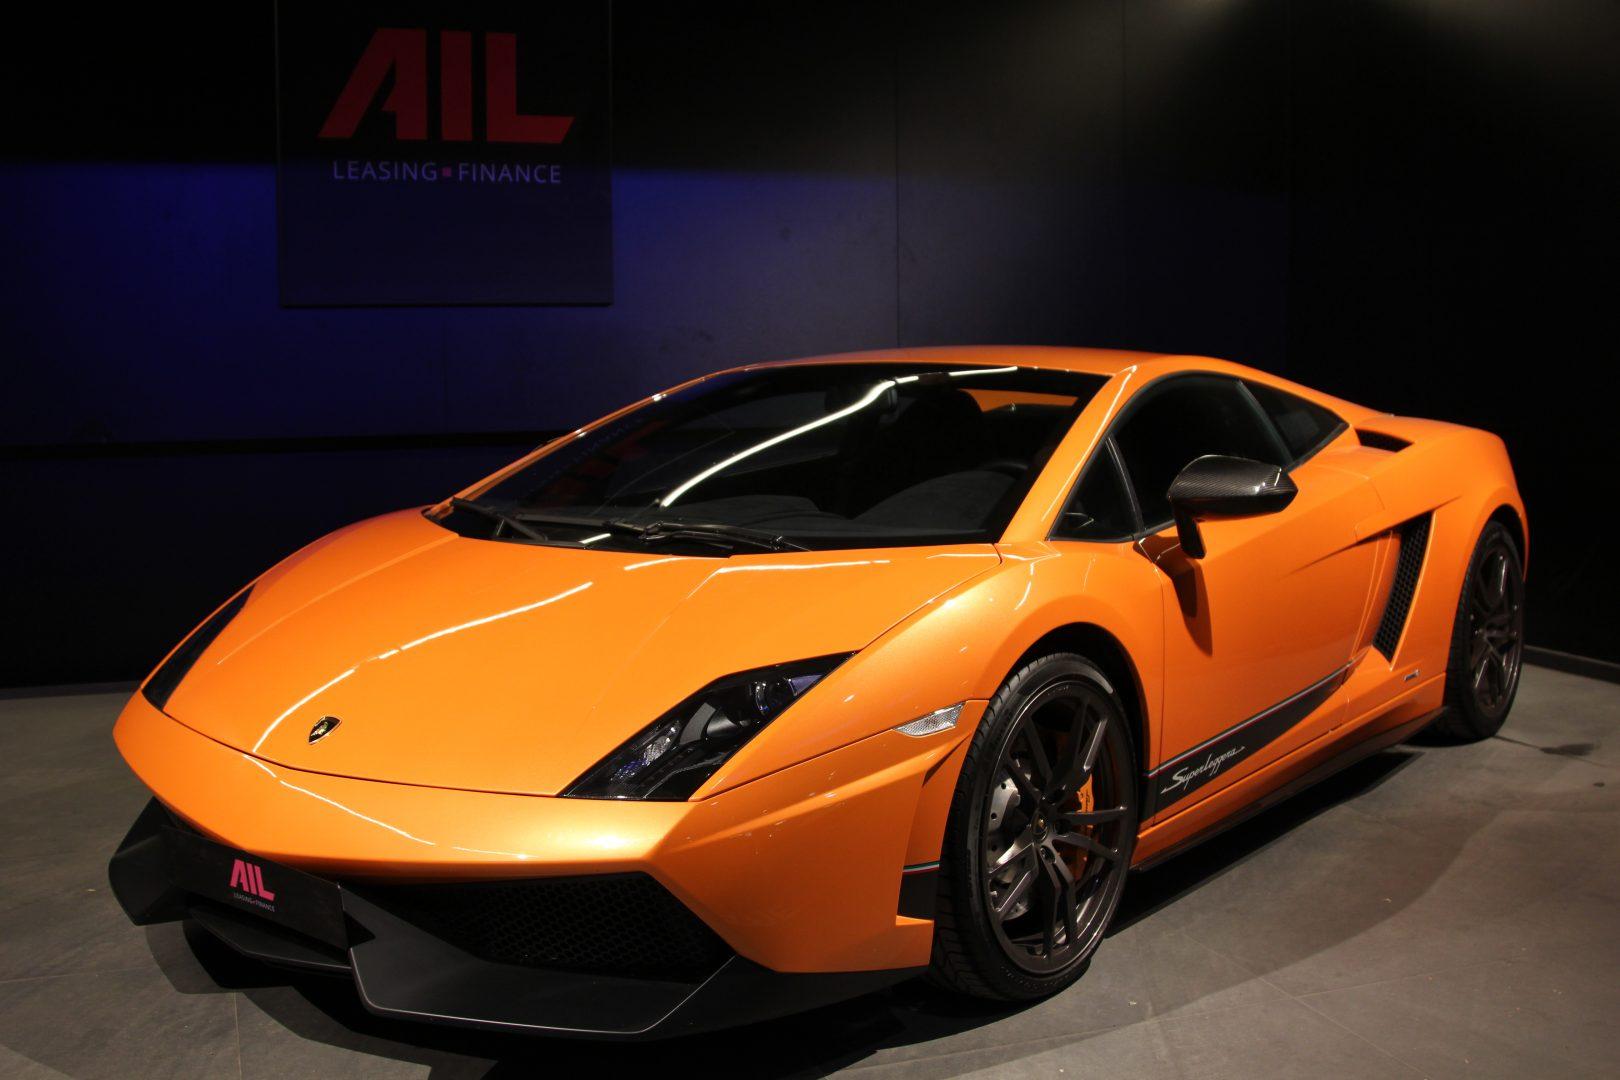 AIL Lamborghini Gallardo LP570-4 Superleggera  12